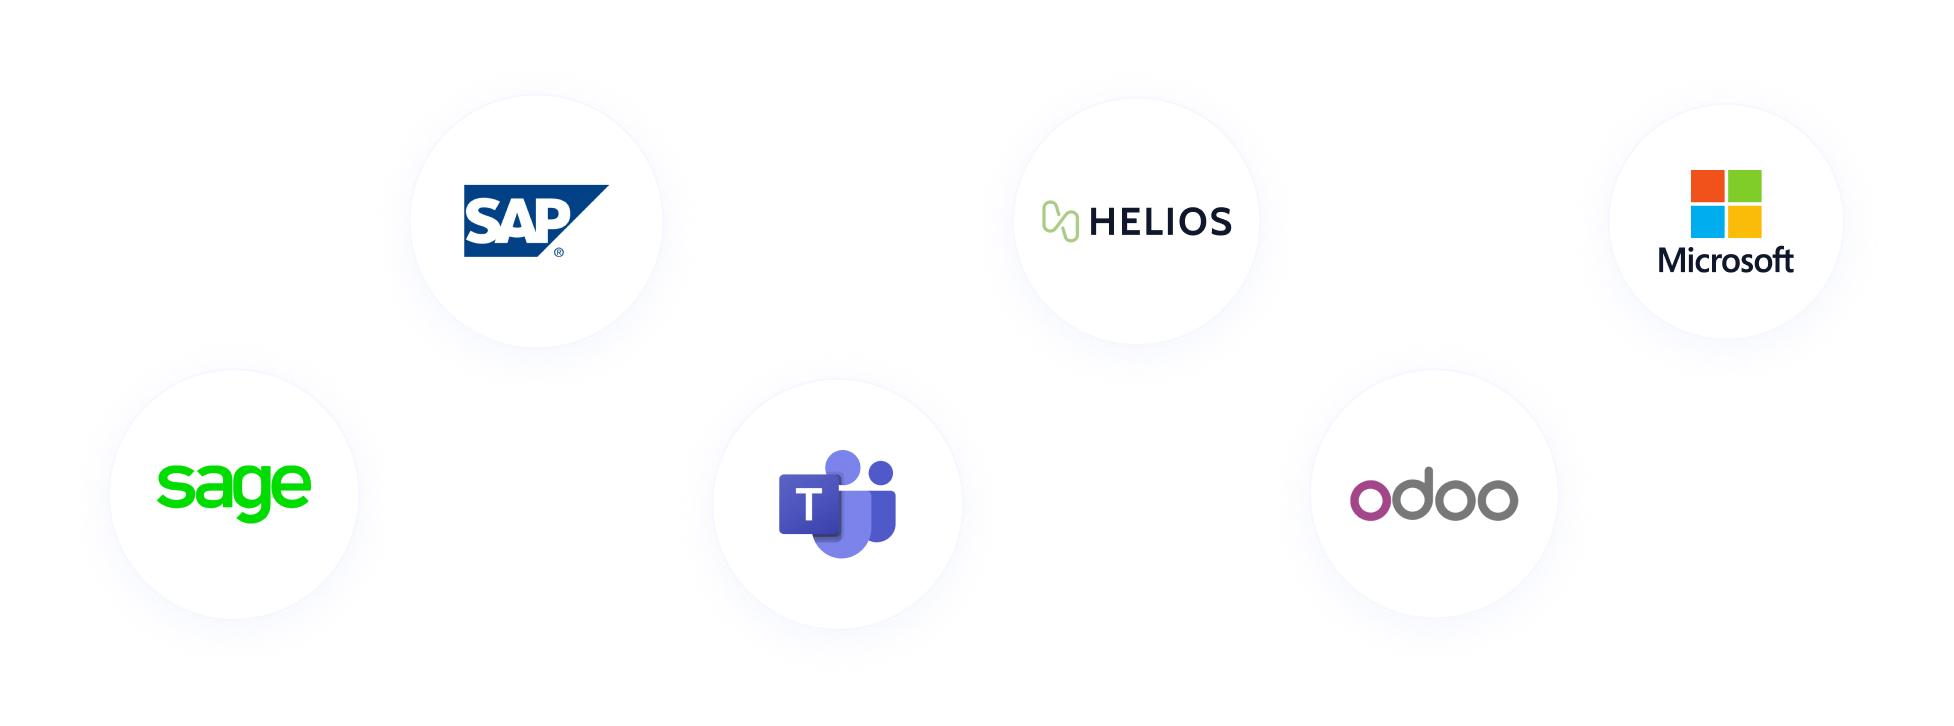 Logo des outils qui fonctionnent avec Oplit : SAP, Sage, Microsfot, Teams, Odoo, Helios.